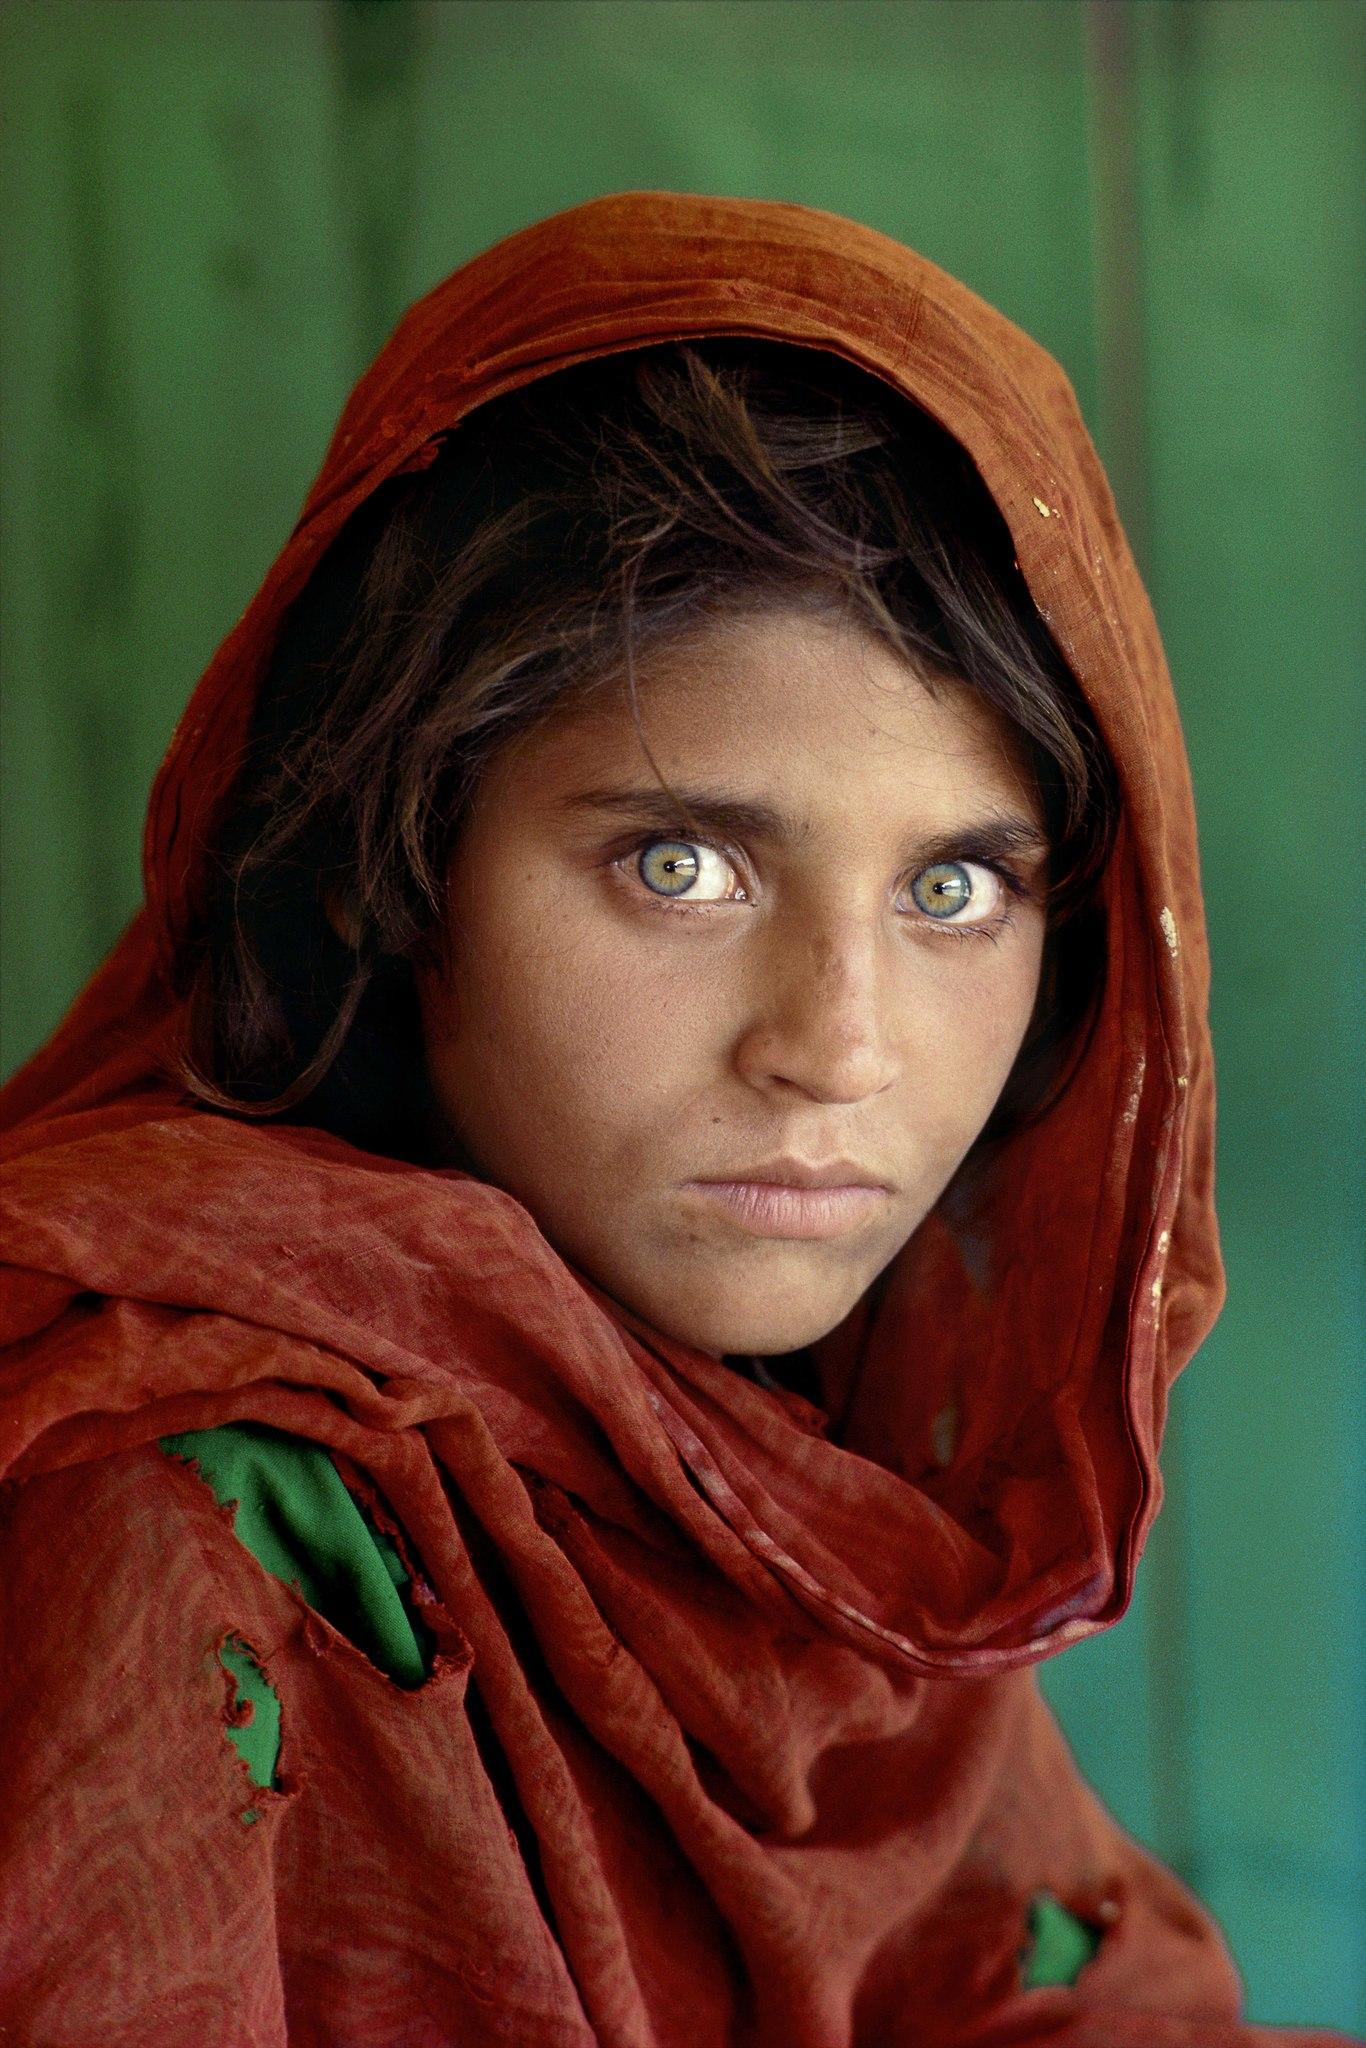 Шарбат Гулу, 12 лет. Самое цитируемое фото из обложек Нейшнл Джеографик